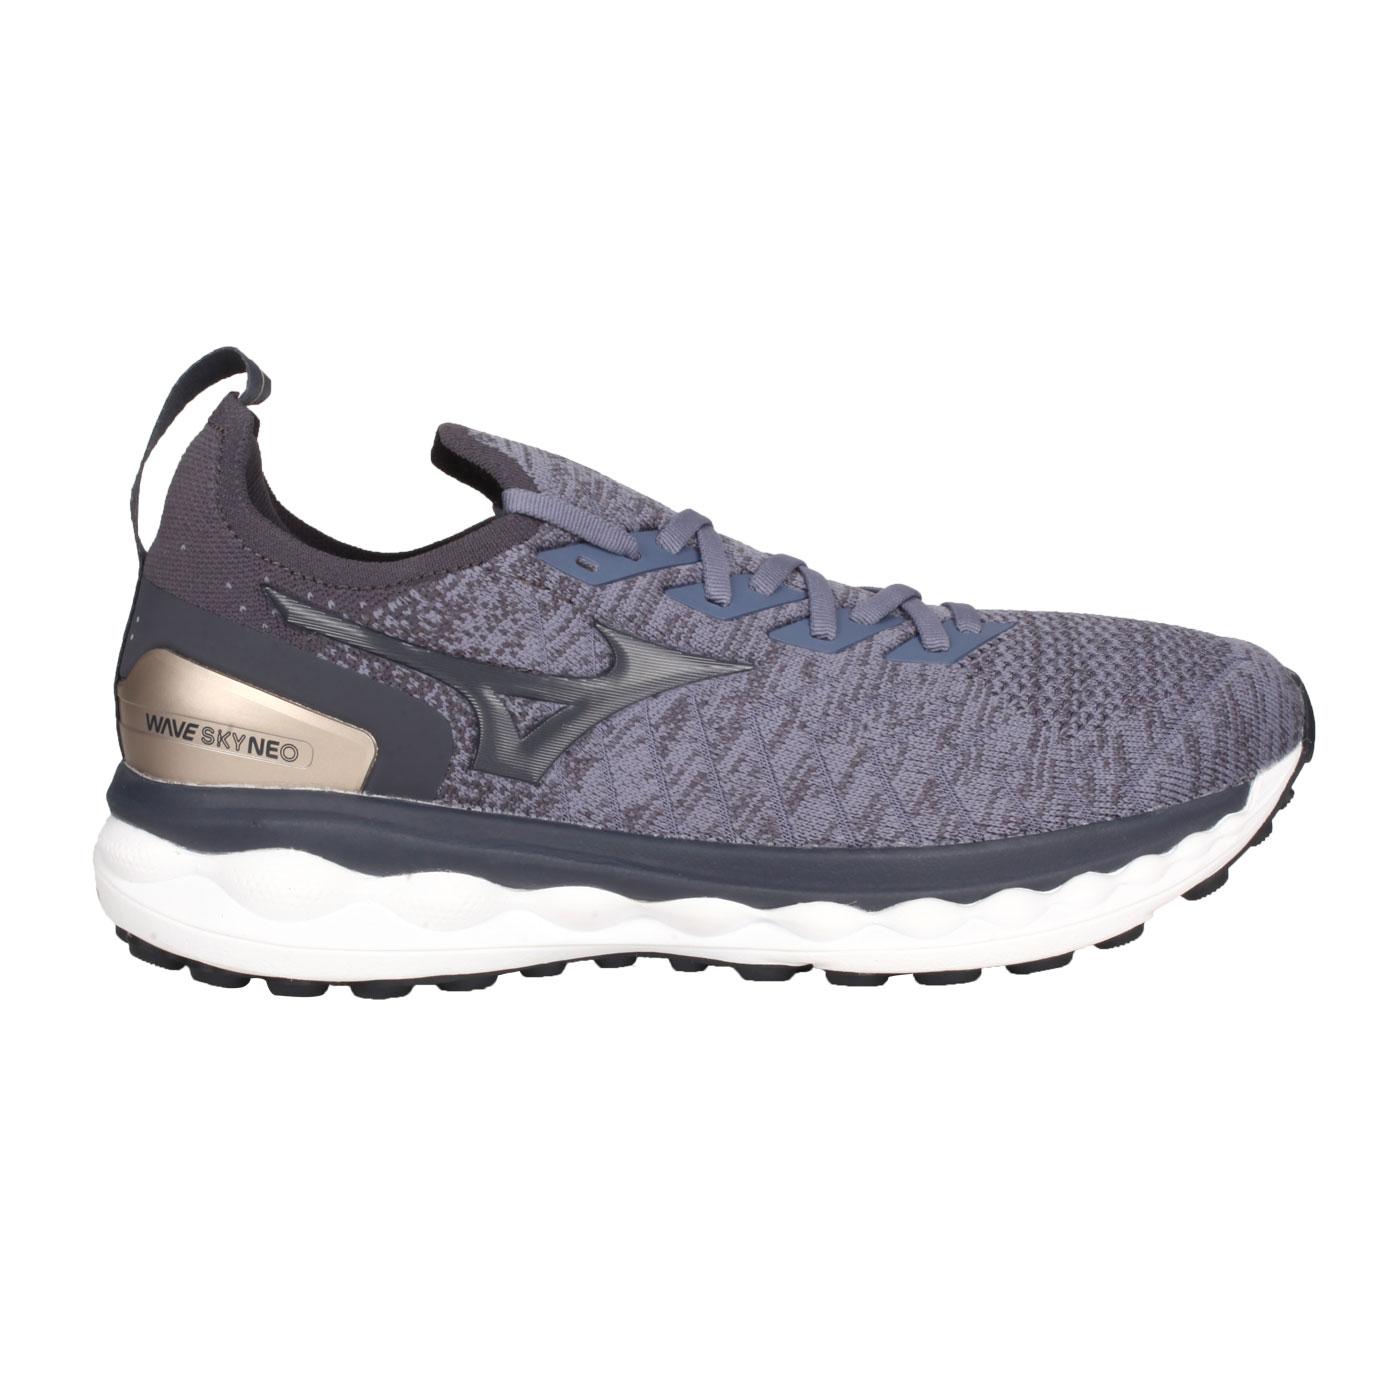 MIZUNO 男款慢跑鞋  @WAVE SKY NEO@J1GC203434 - 灰紫黑金